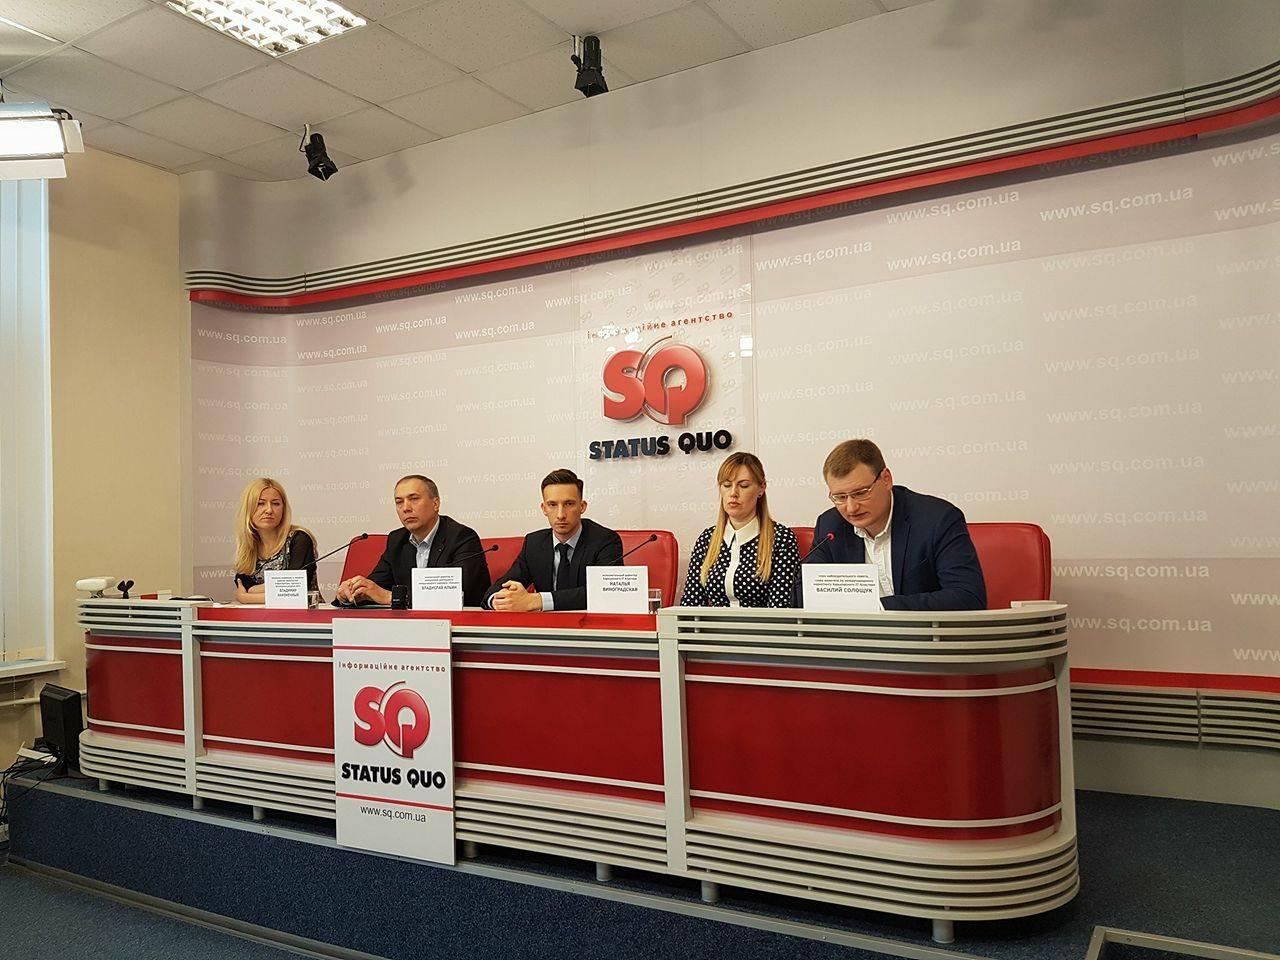 18493773_1371351632930927_1997684284_o Харьковский IT Кластер инициировал пресс-конференцию для расширения авиатрафика